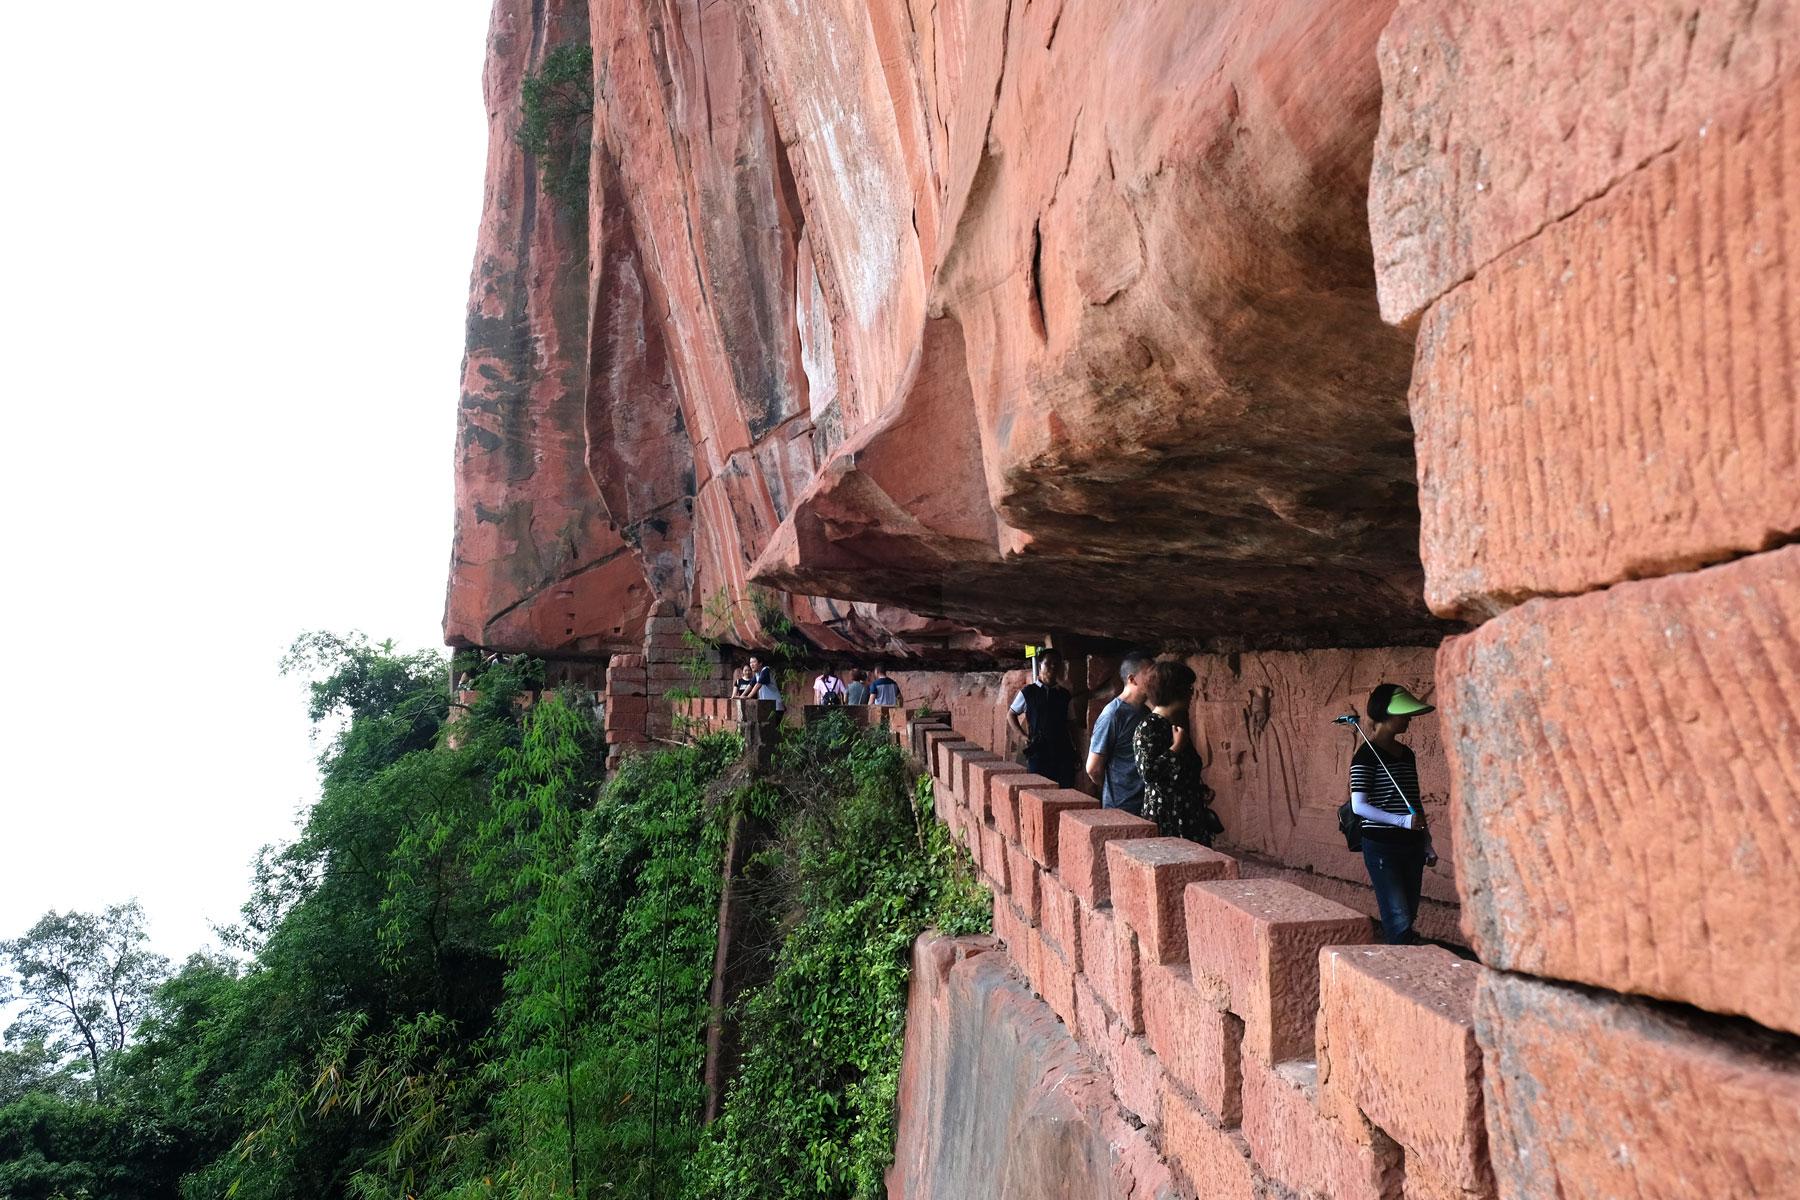 Chinesische Touristen gehen auf einem Weg, der in roten Fels gehauen wurde.